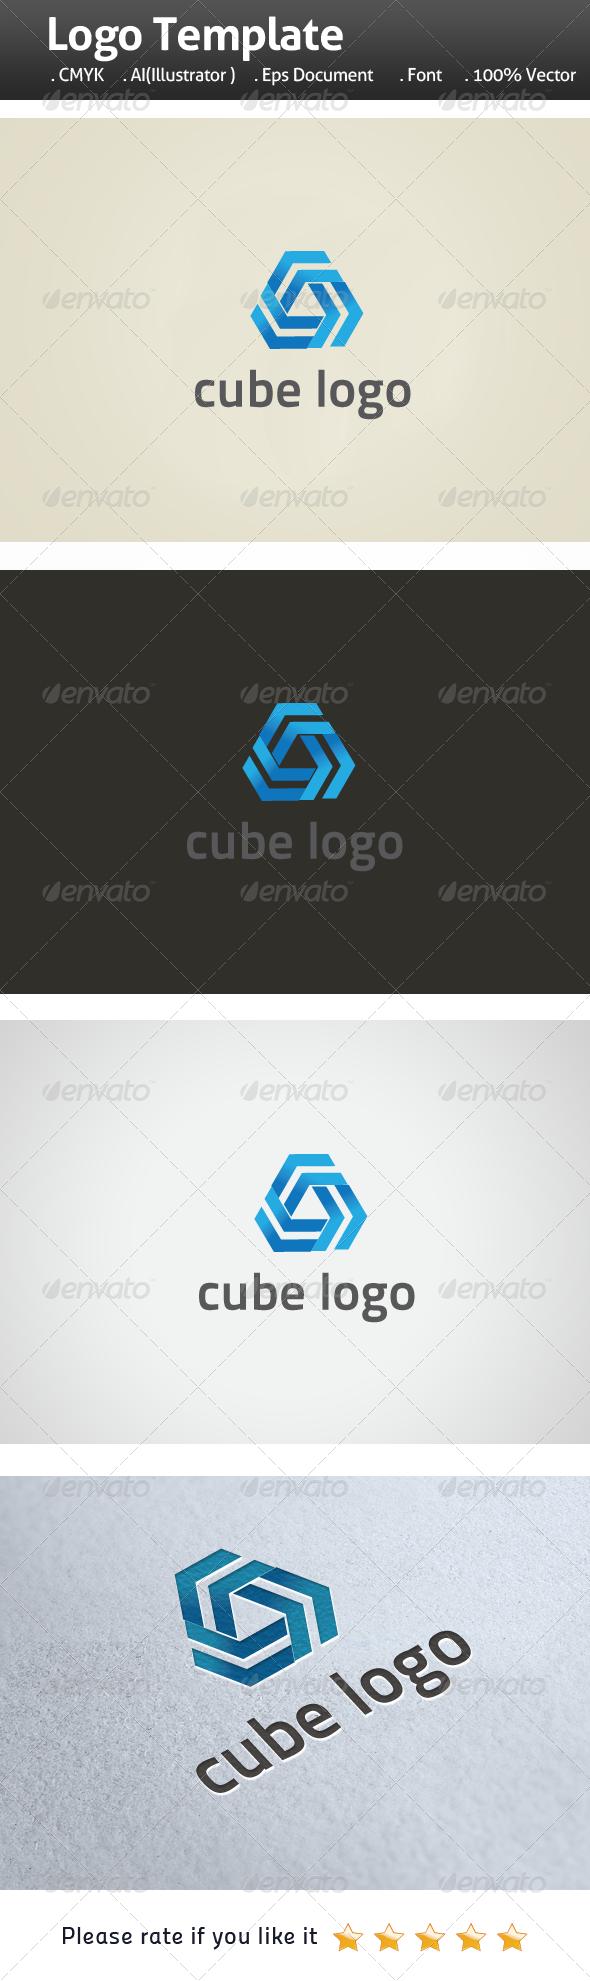 GraphicRiver Cube Logo 6554249